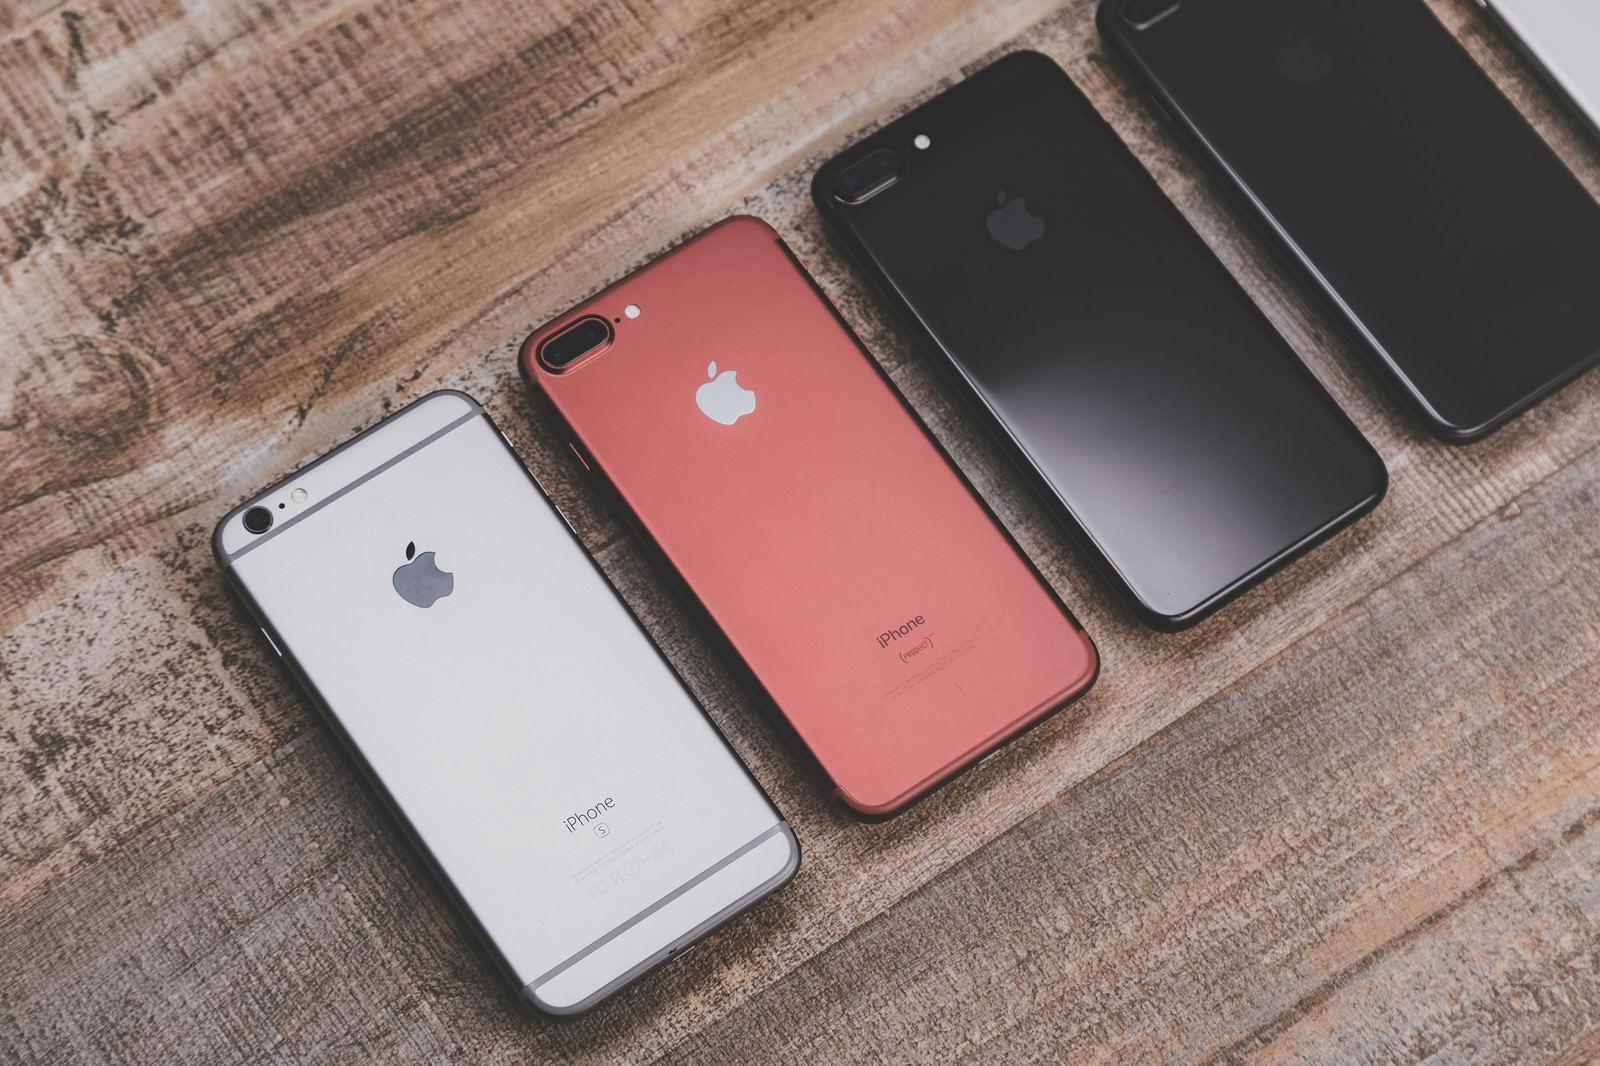 「5.5インチサイズのスマートフォン(背面)5.5インチサイズのスマートフォン(背面)」のフリー写真素材を拡大